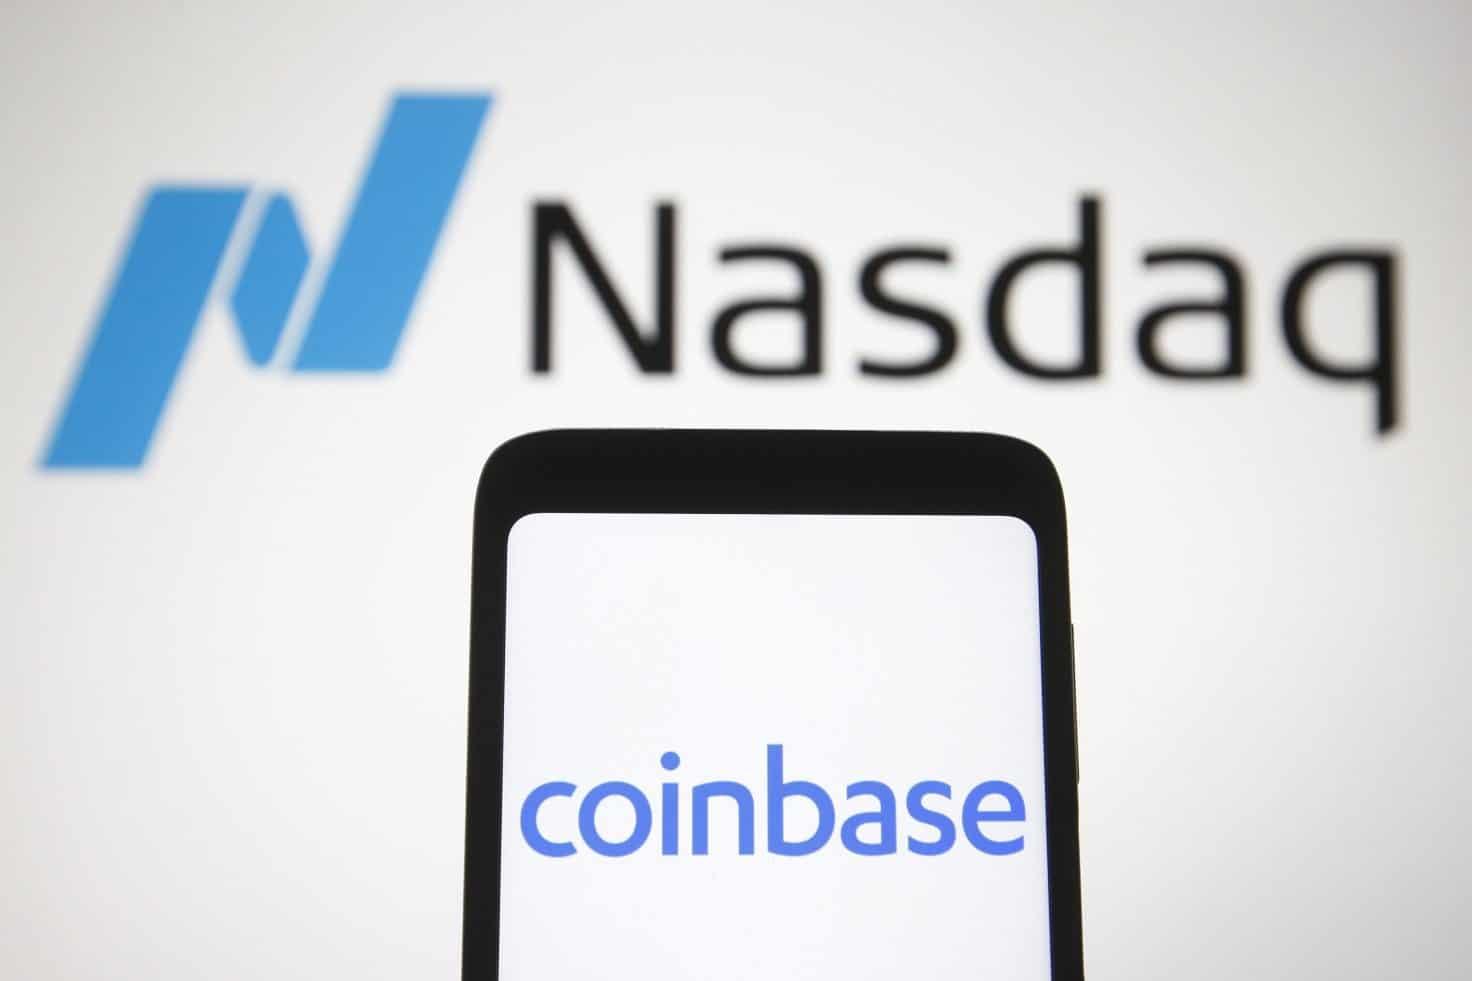 листинг Coinbase на Nasdaq